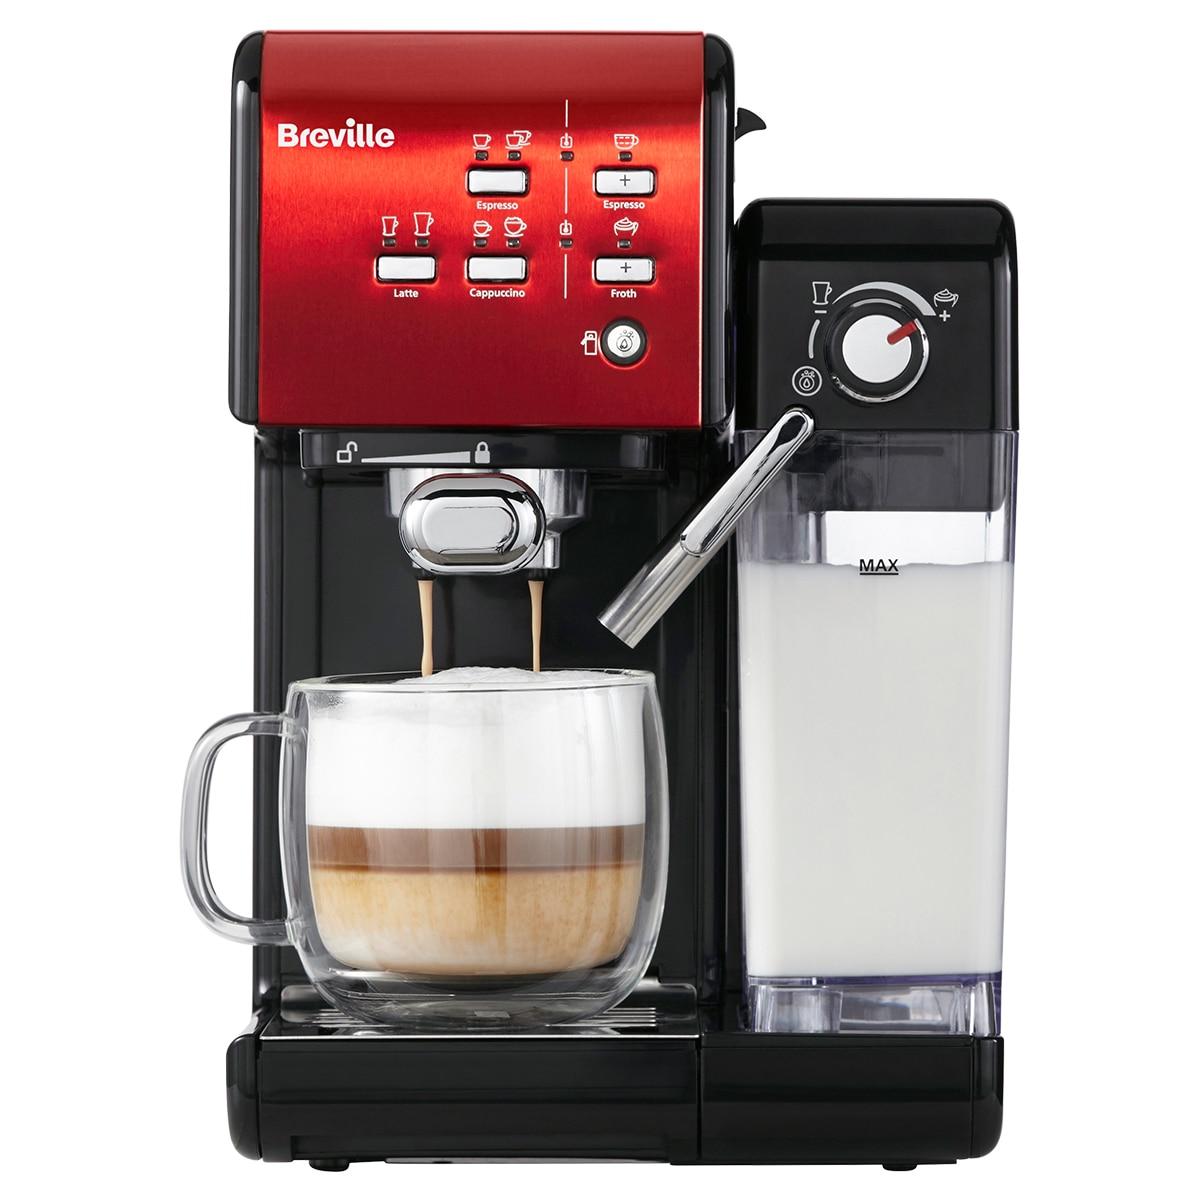 Fotografie Espressor manual Breville VCF109X Prima Latte II, 19 bar, 1.5 L, recipient lapte 0.6 L, Rosu